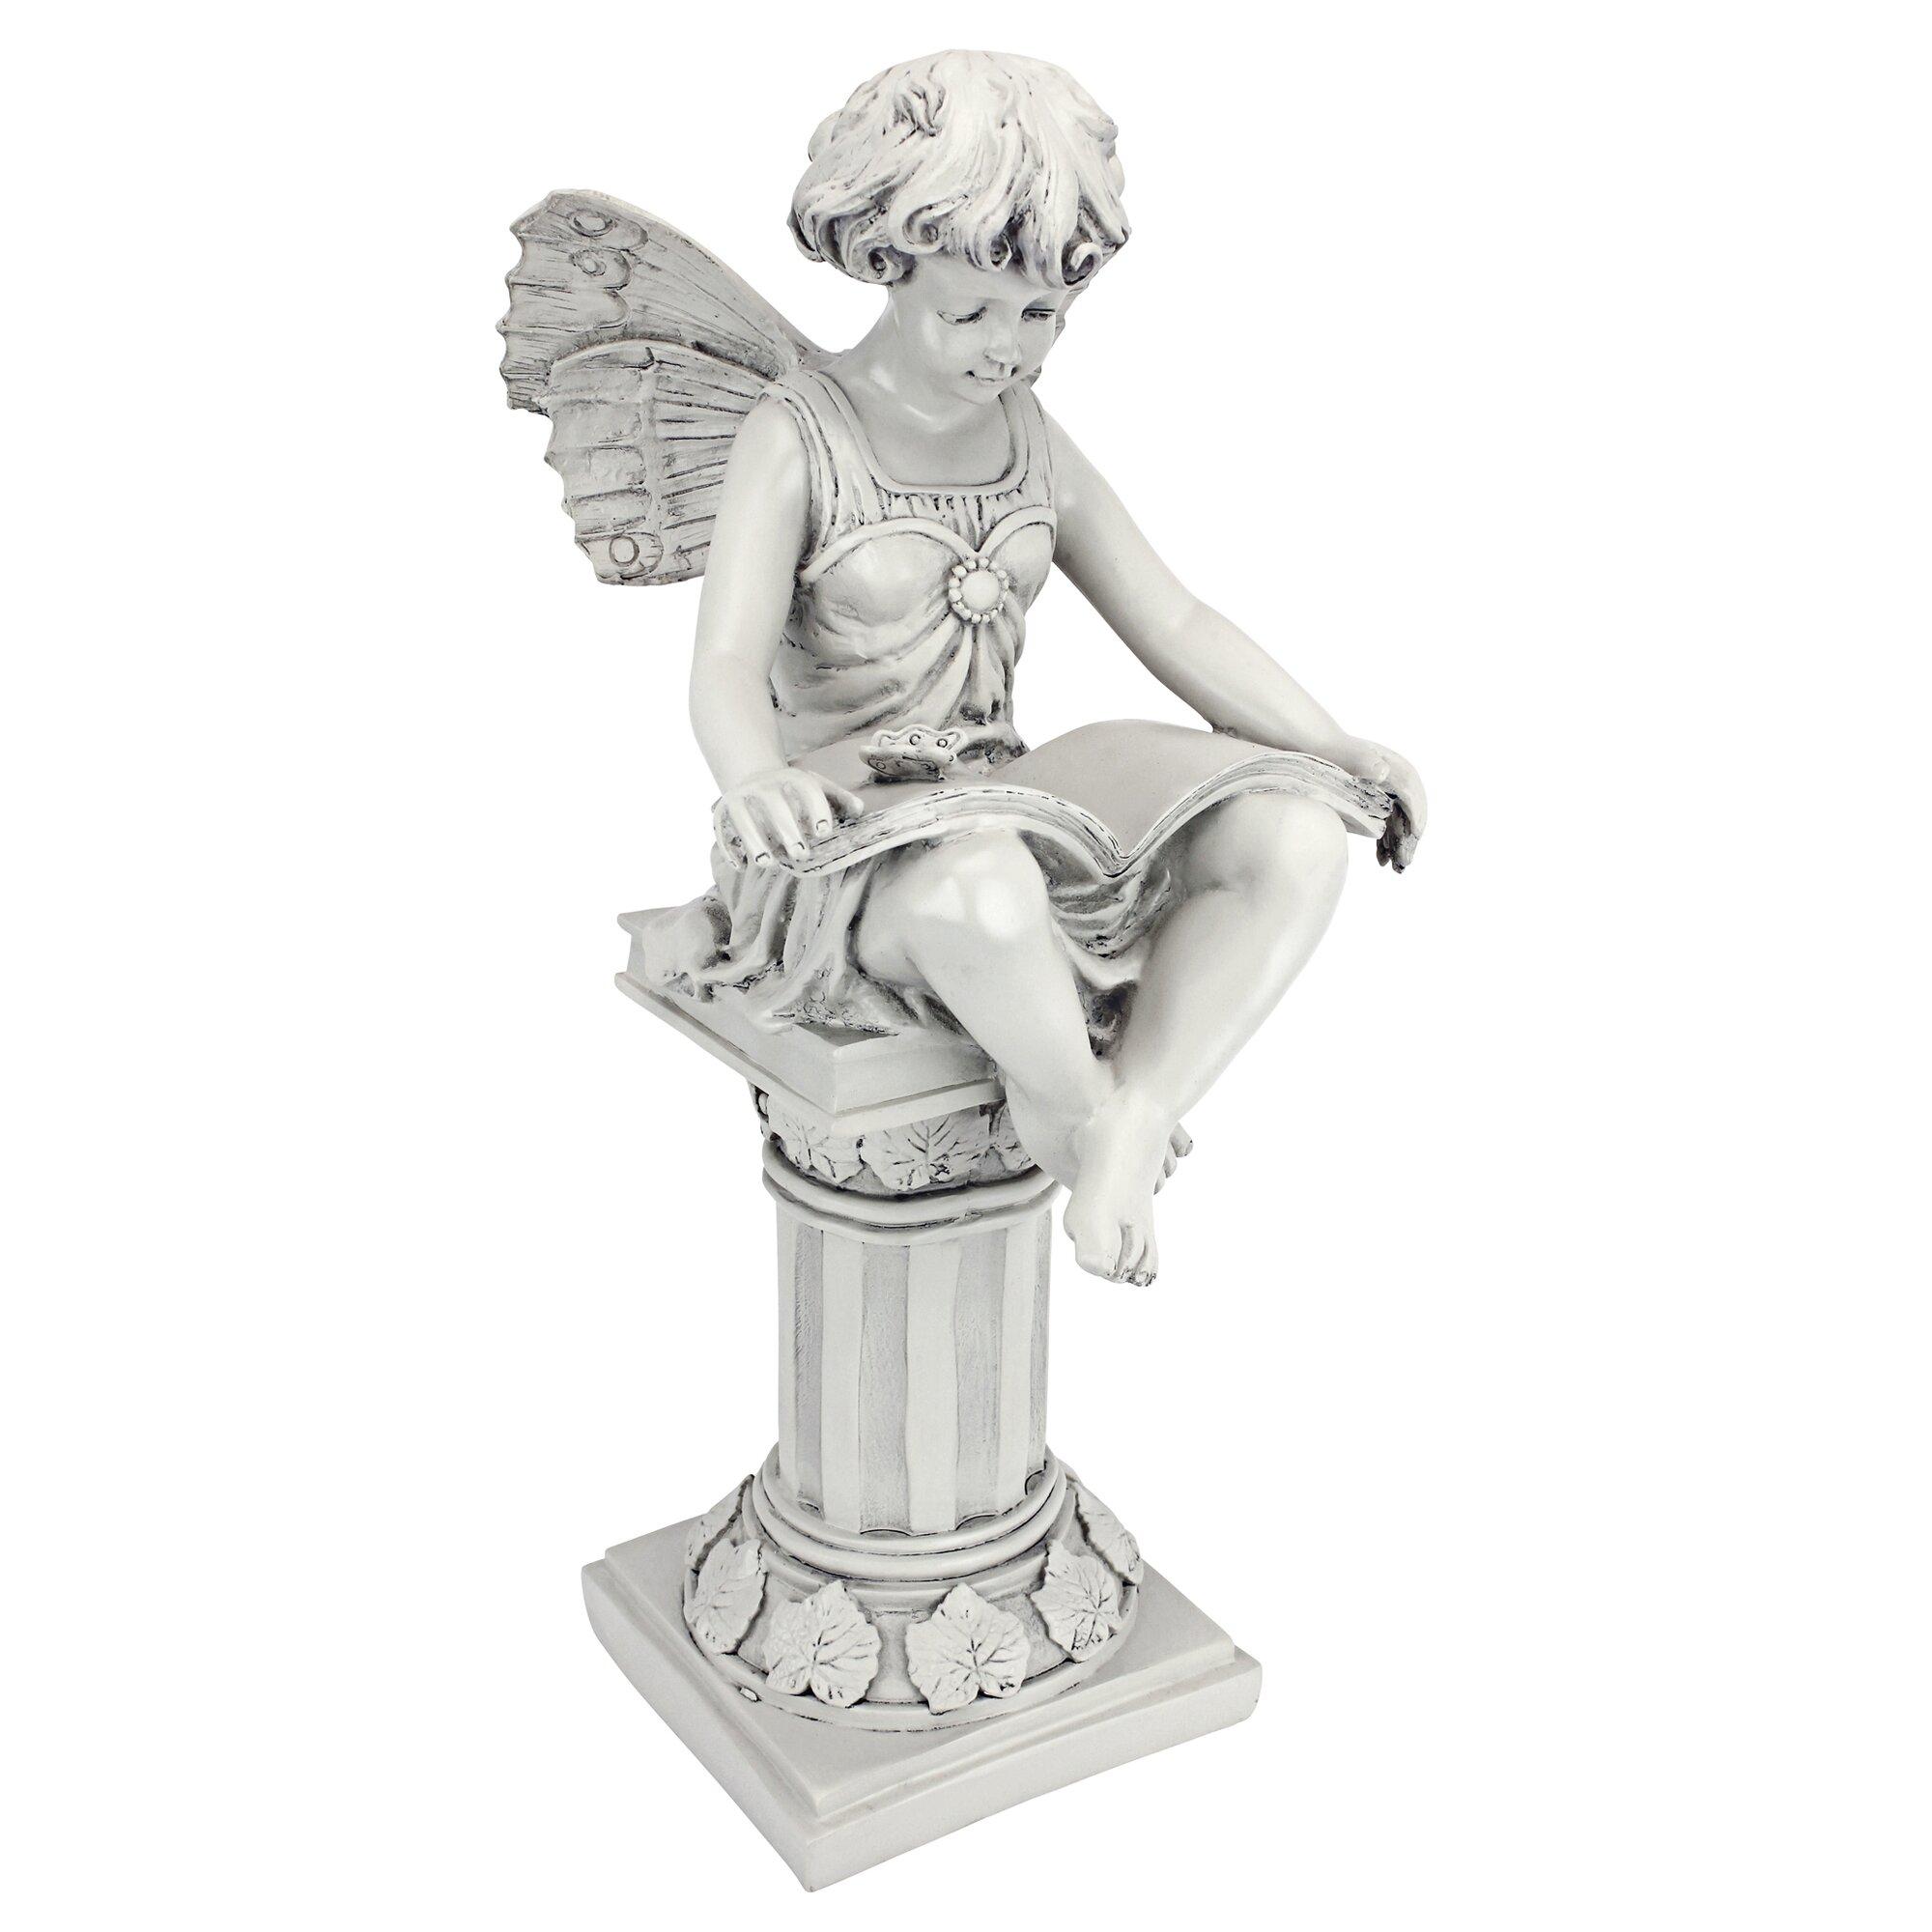 Fairy lawn ornaments - The British Reading Fairy Statue